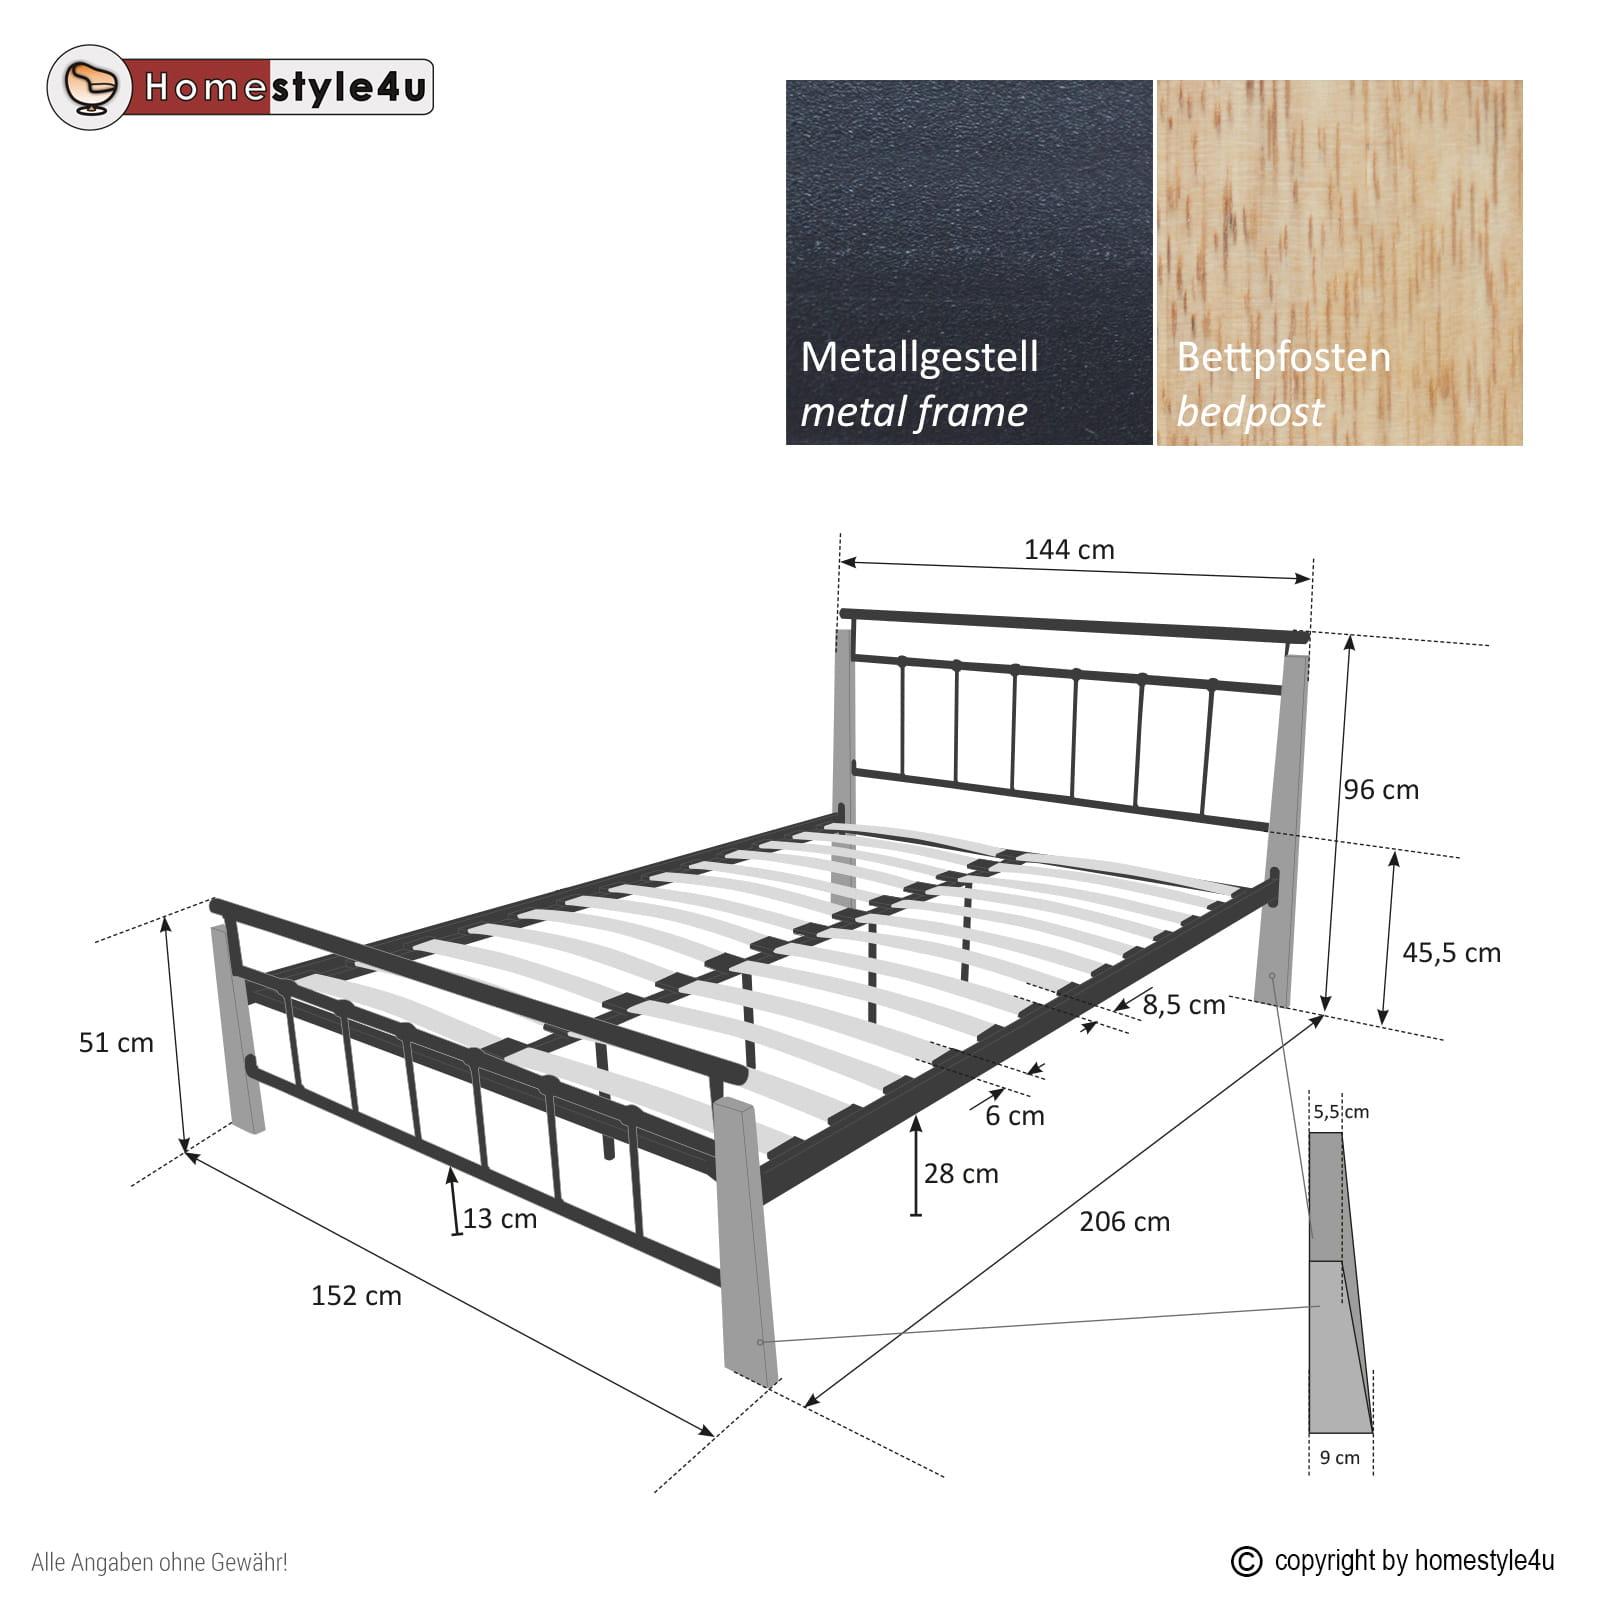 Zupełnie nowe Łóżko metalowe podwójne łóże 140x200cm + stelaż - Sklep ZT41